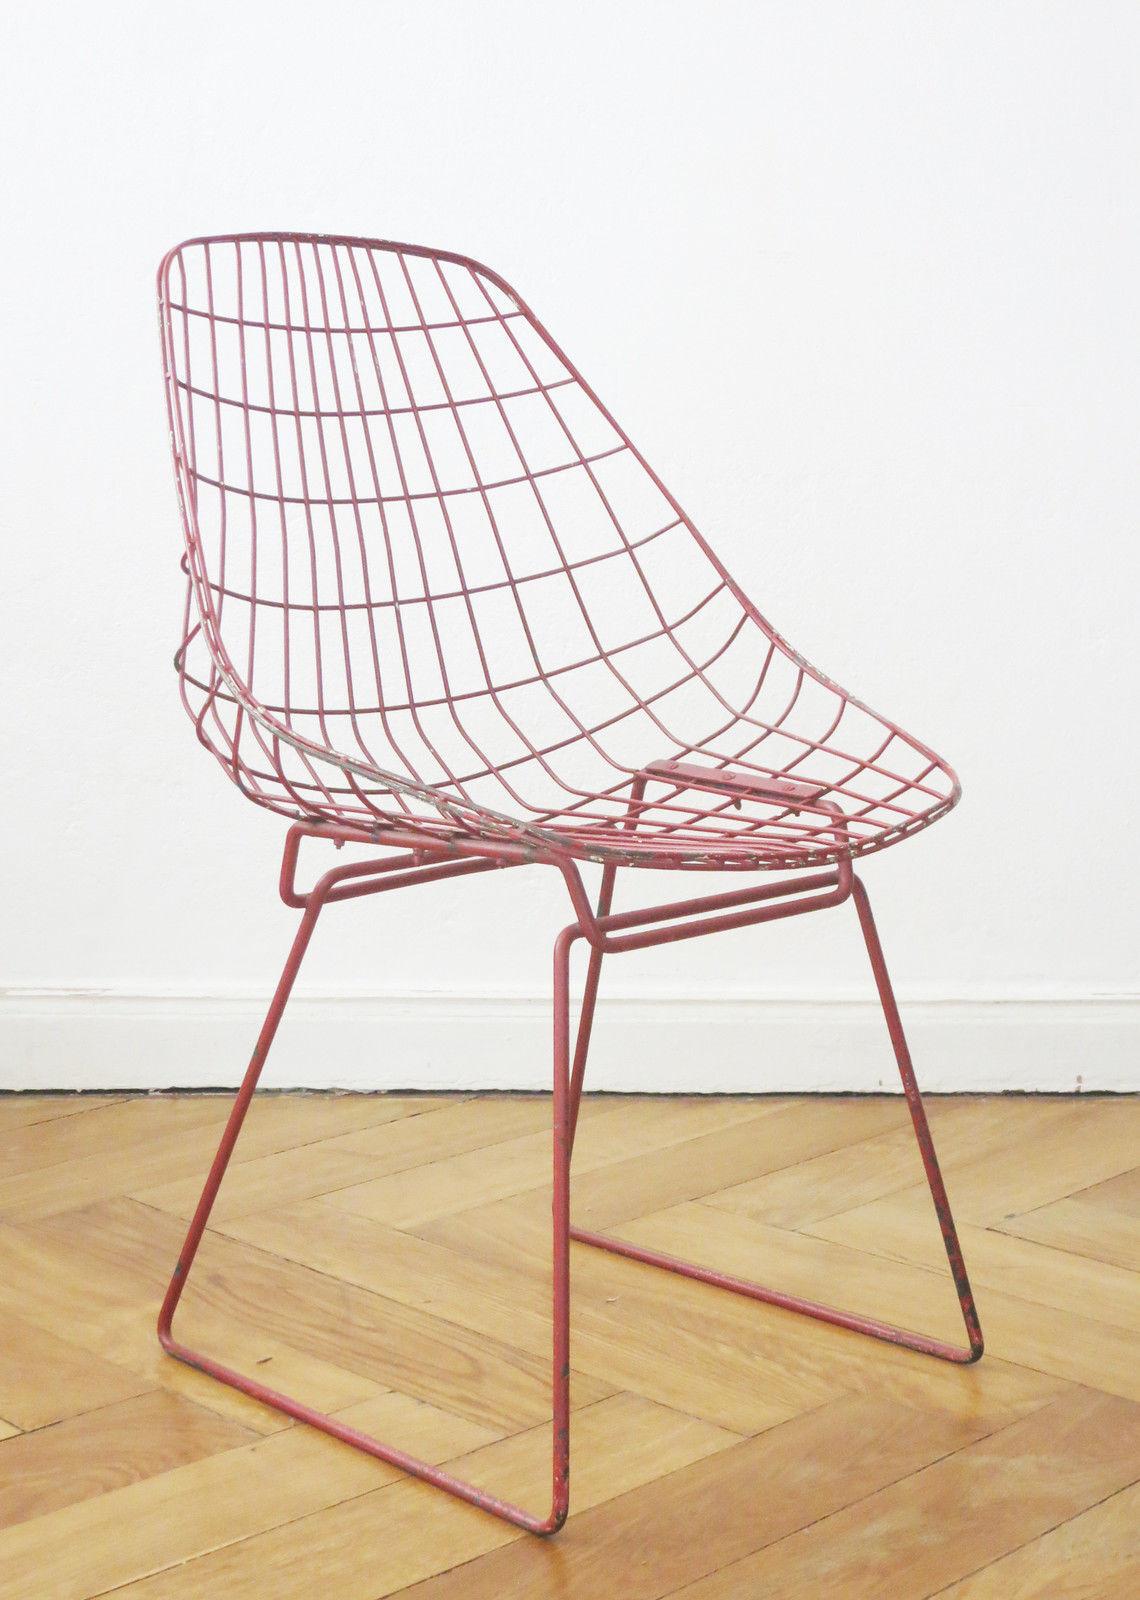 Pastoe cees braakman sm05 stuhl design wire chair bertoia for Stuhl design kunst